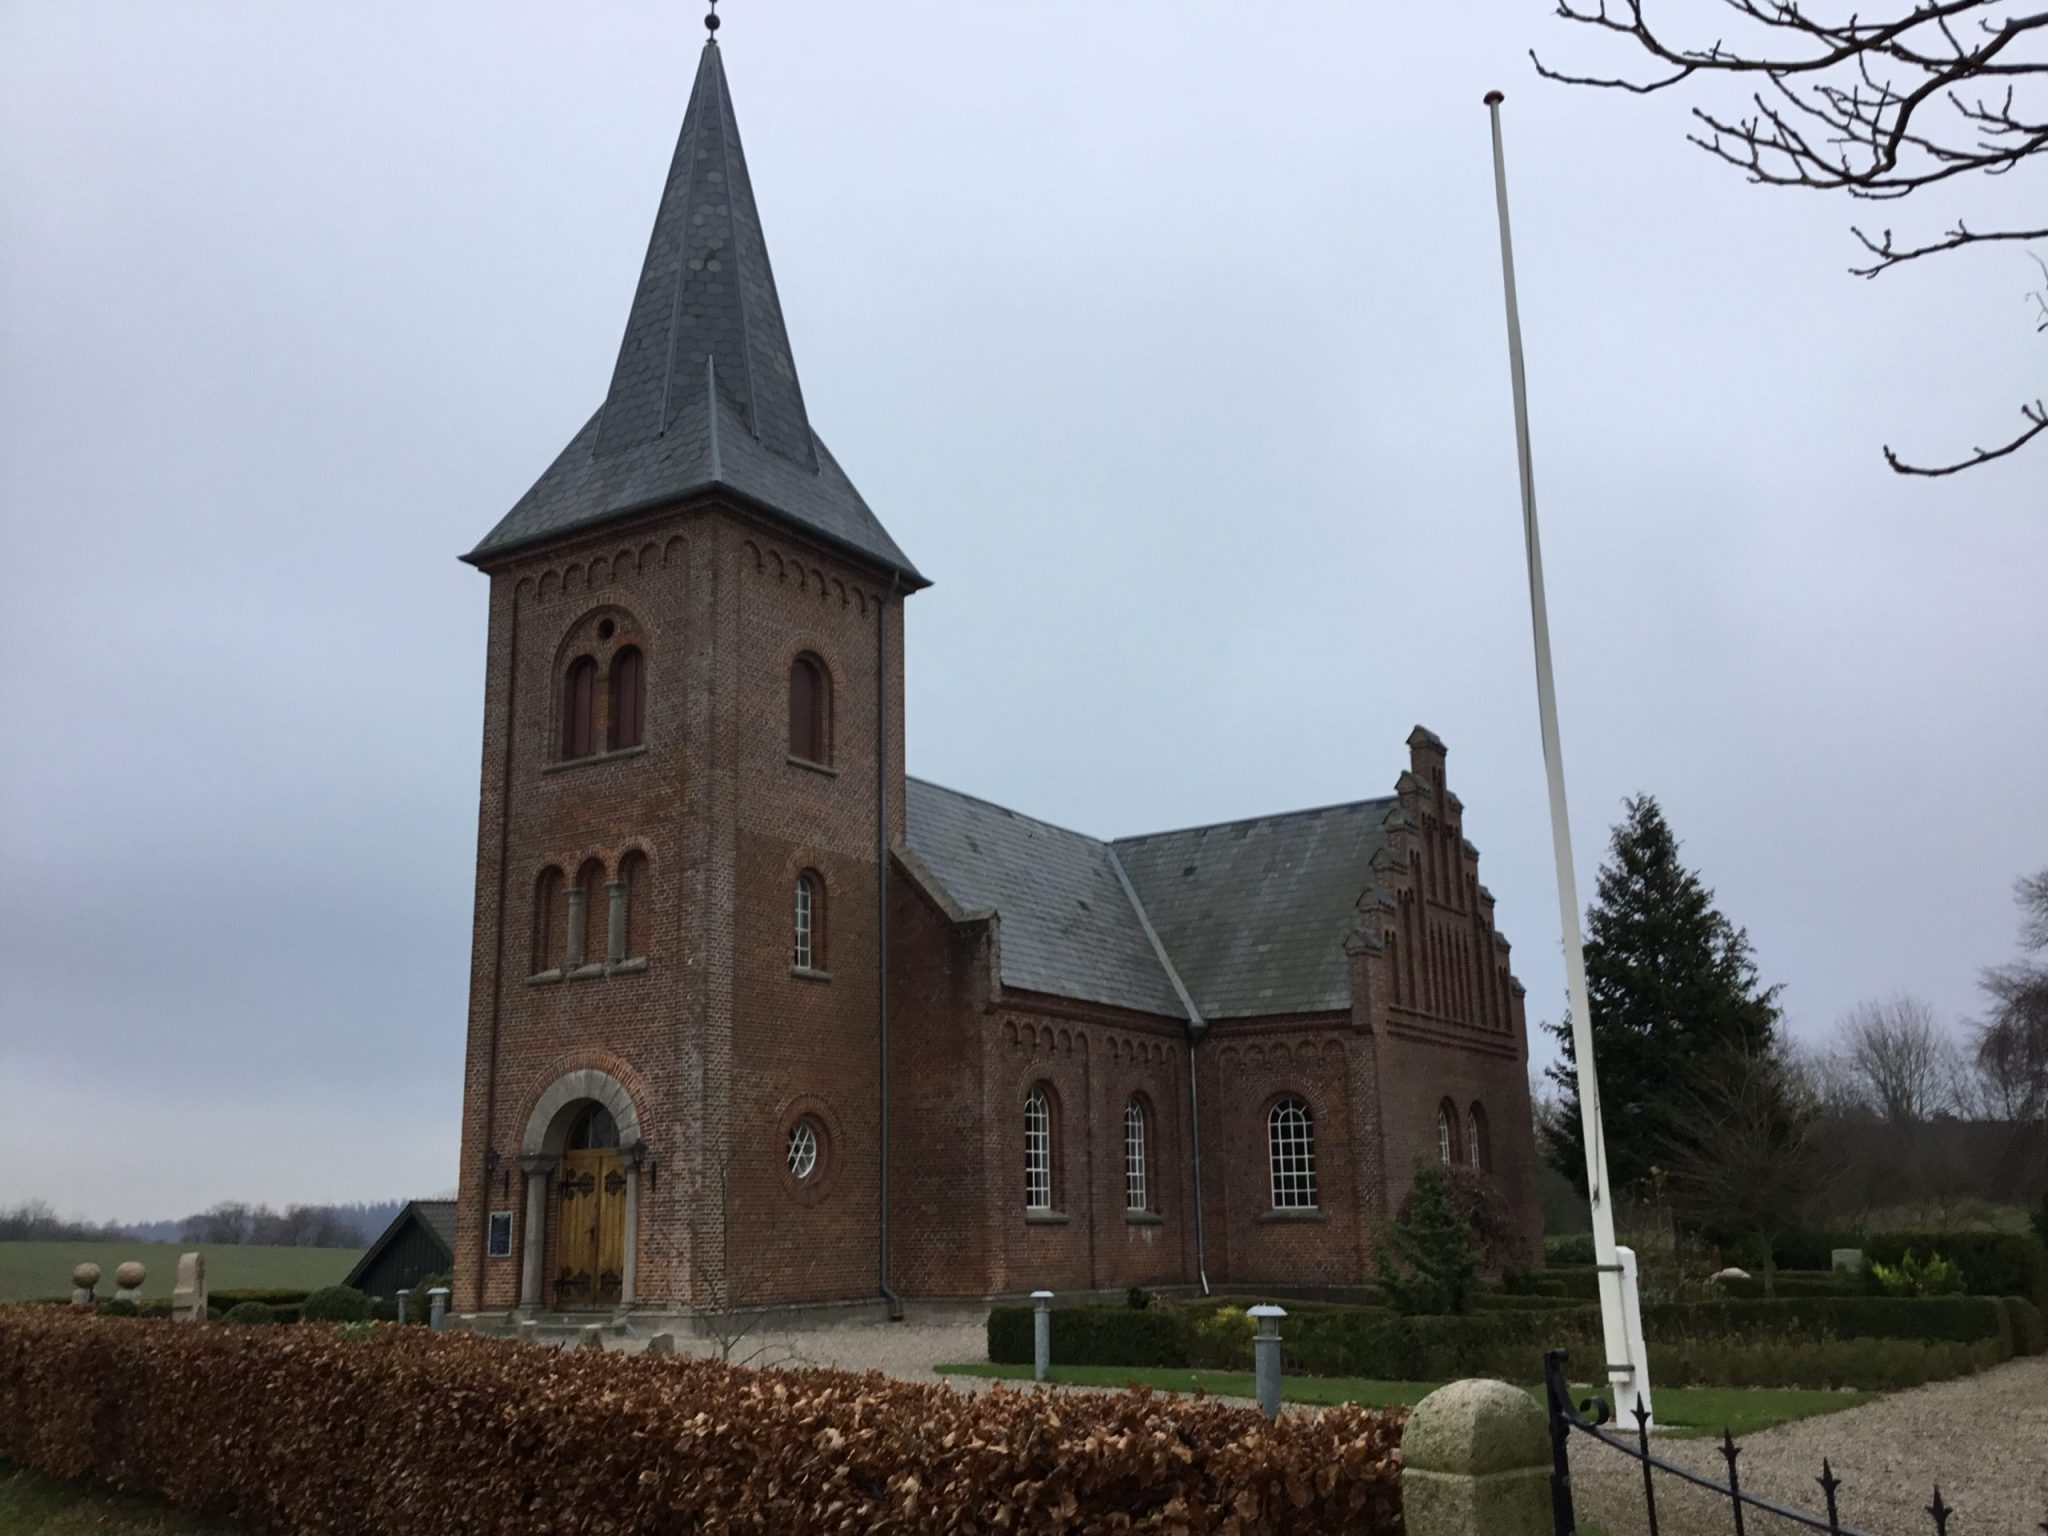 De nye menighedsråd i 5560 Aarup